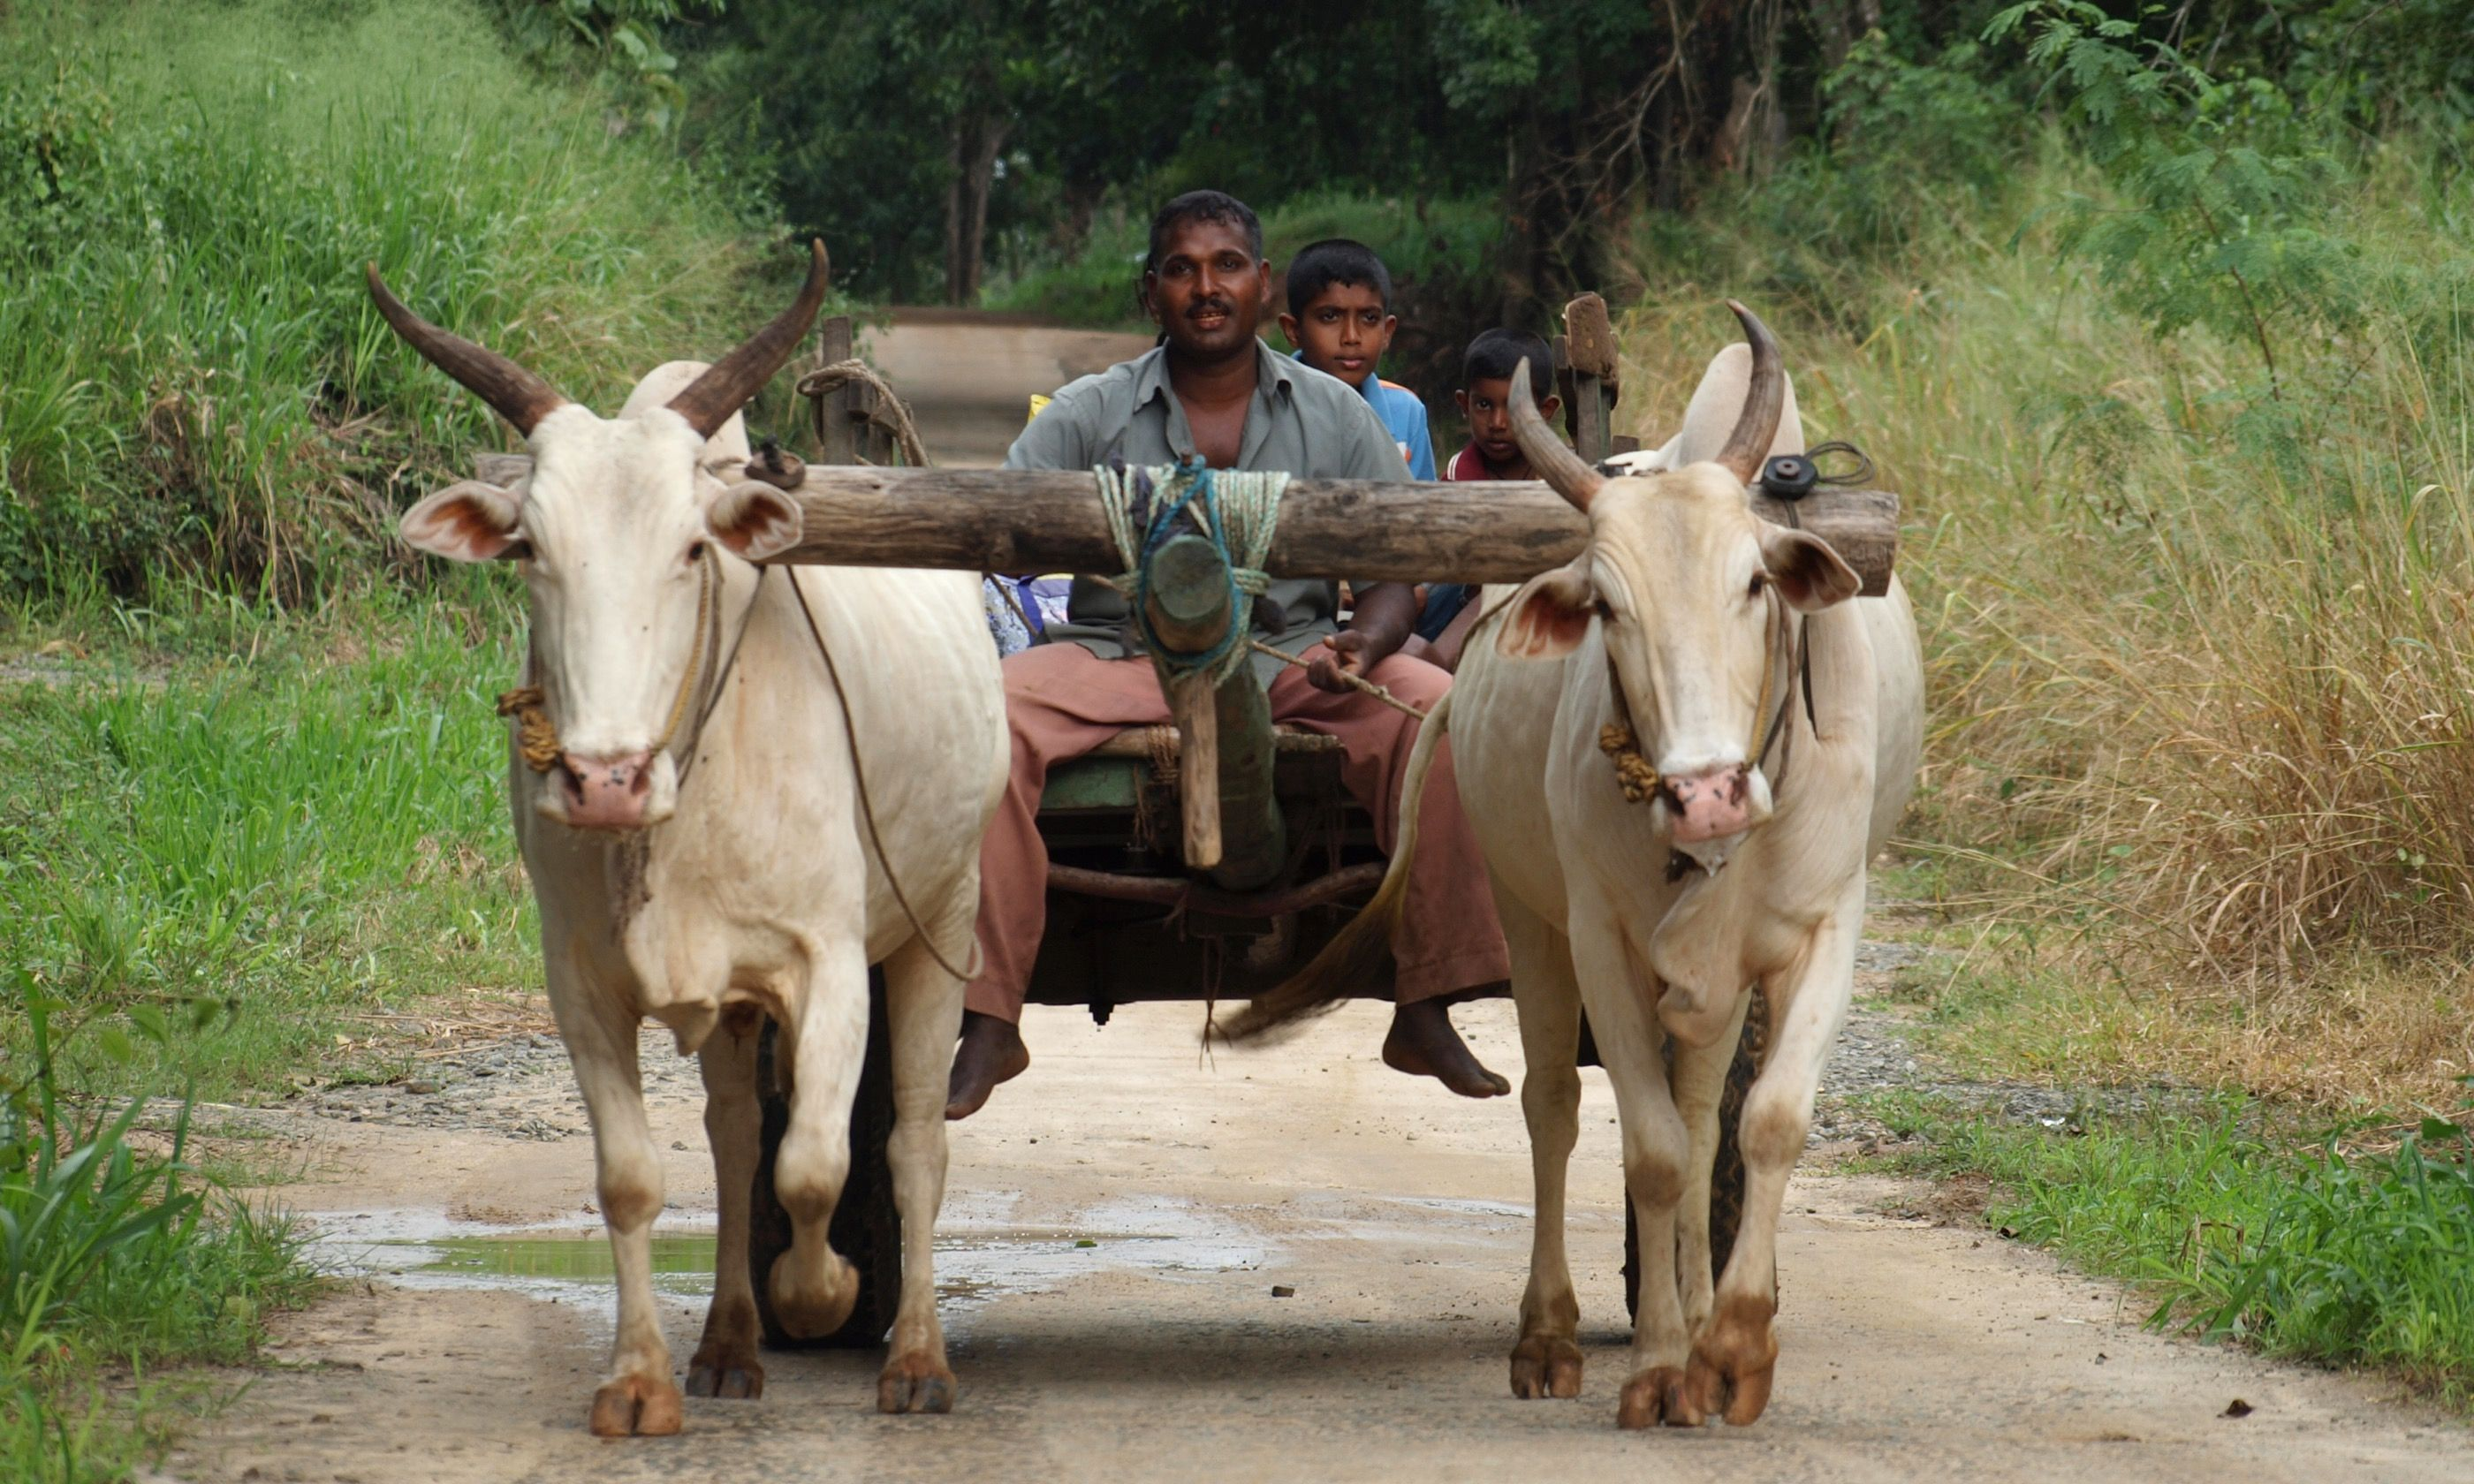 Life in the back roads of Sri Lanka (Dreamstime)